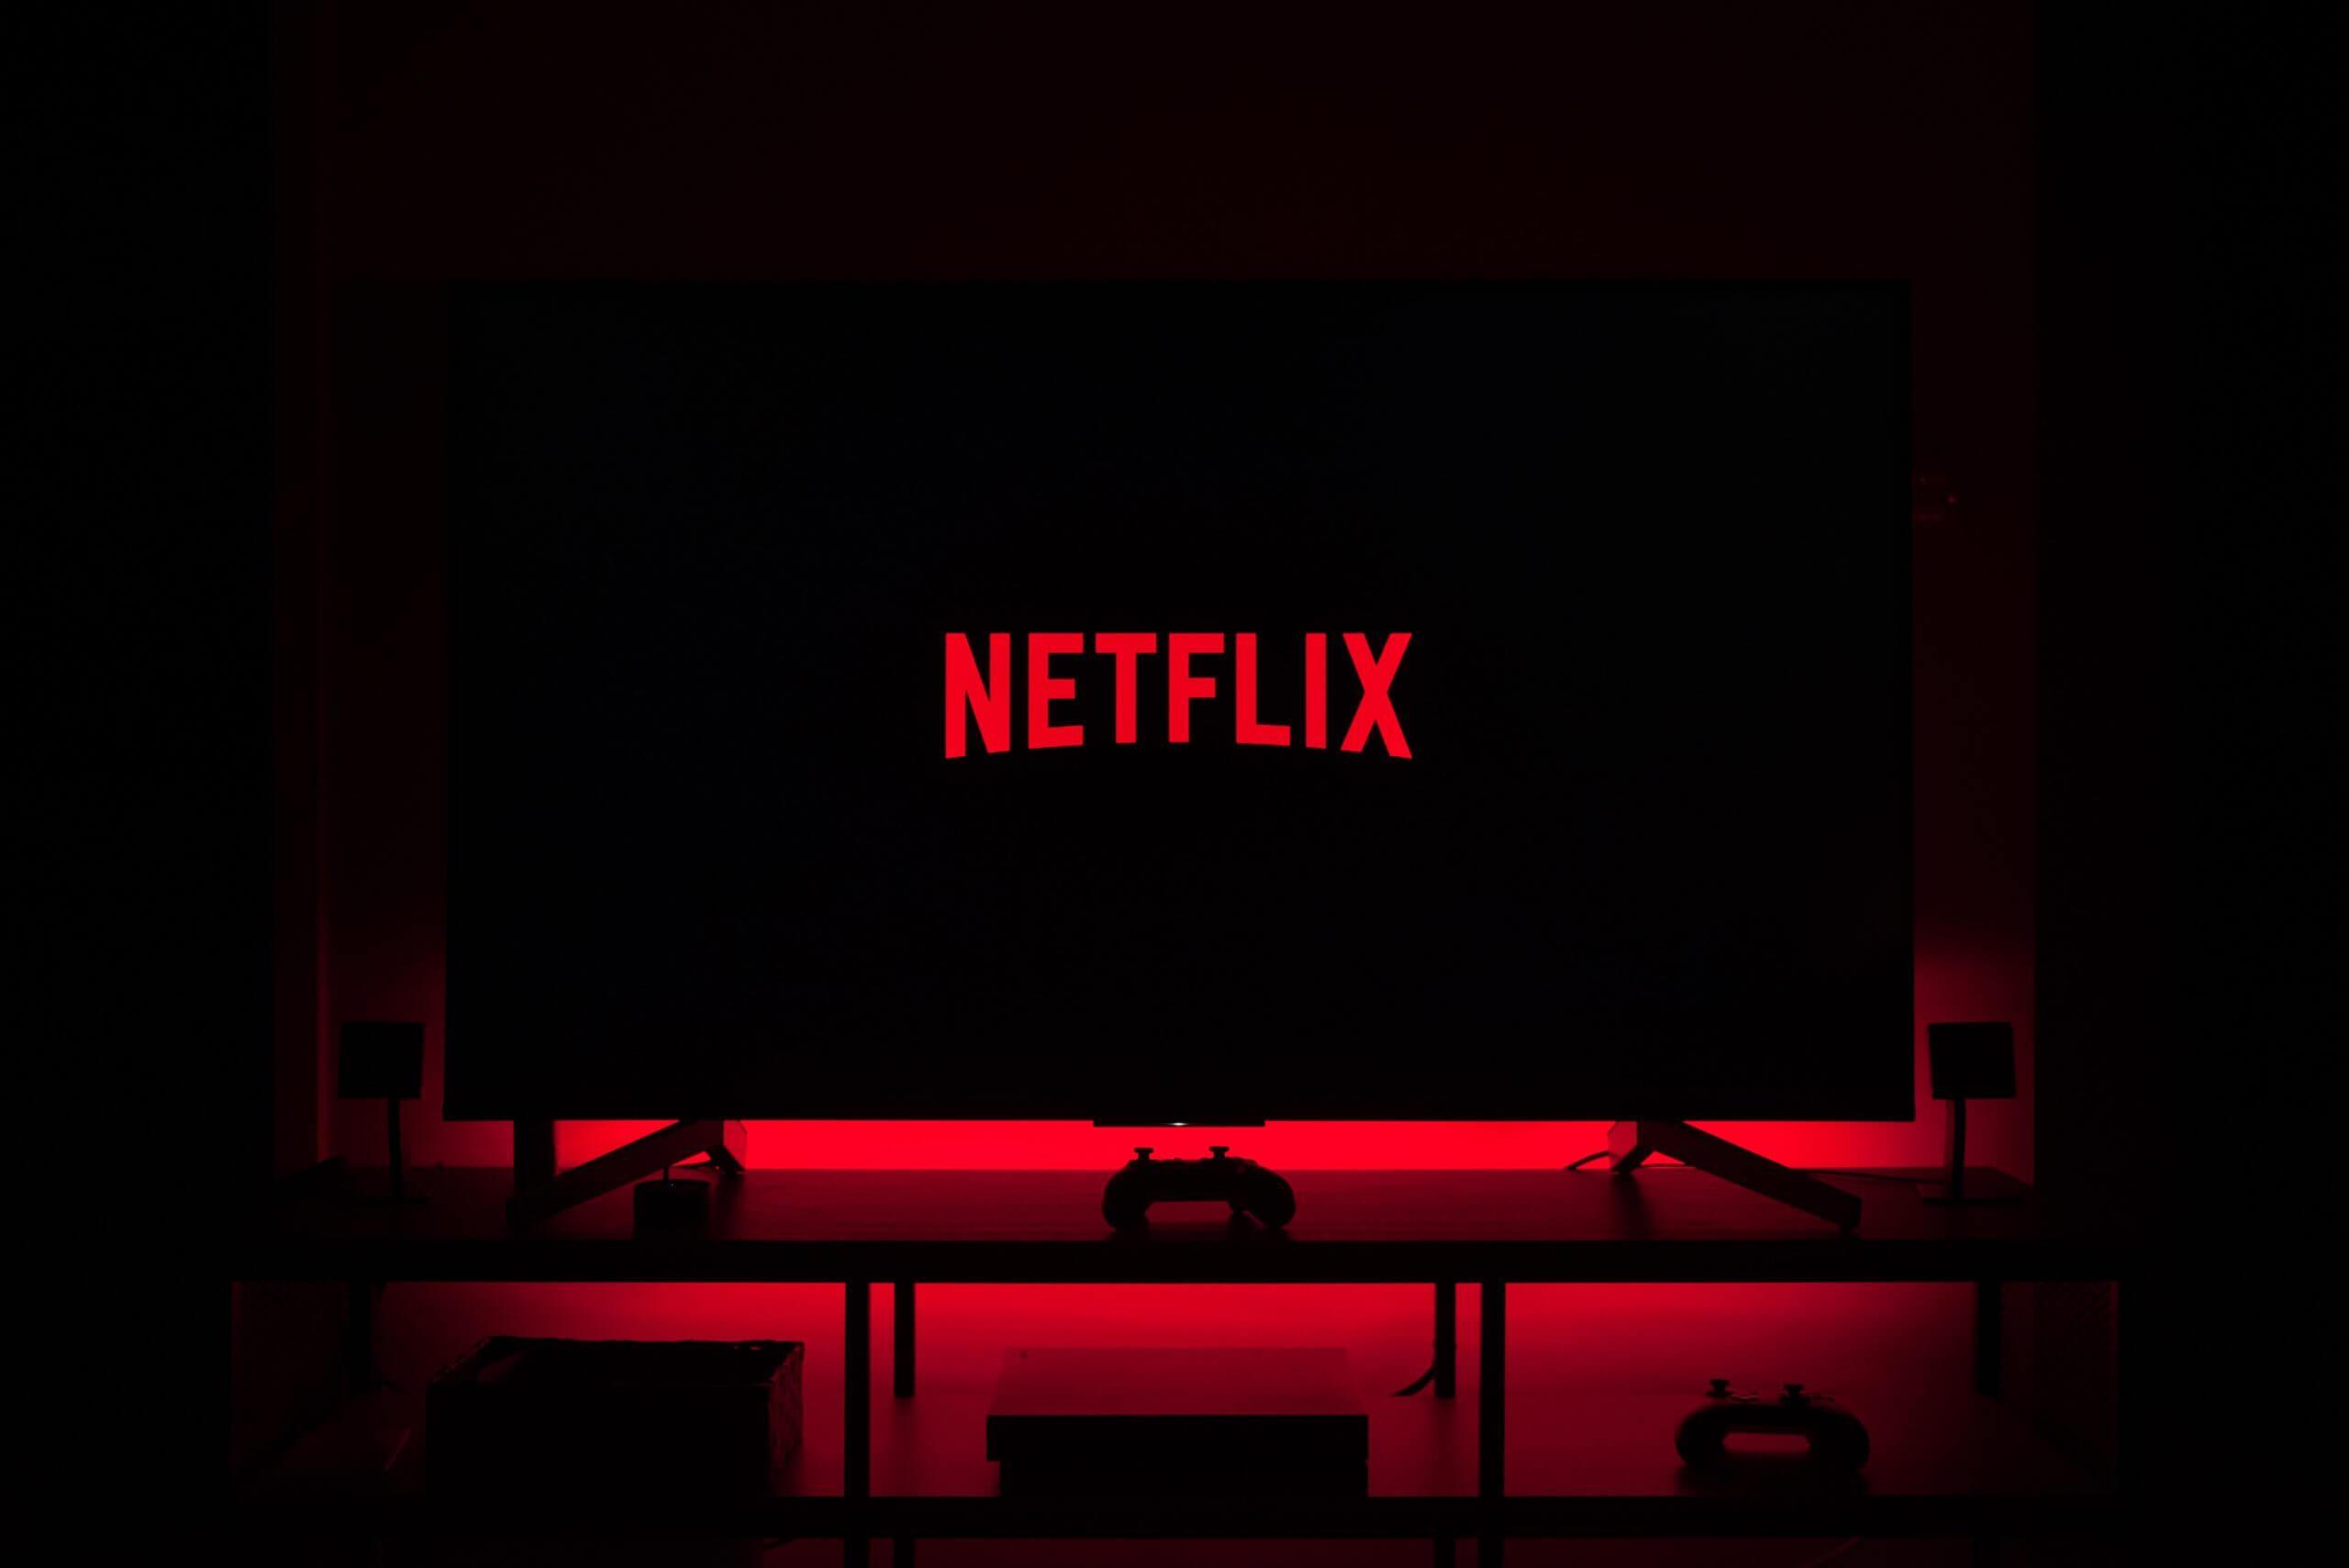 Netflix confirma su expansión a los videojuegos, con su foco en móviles